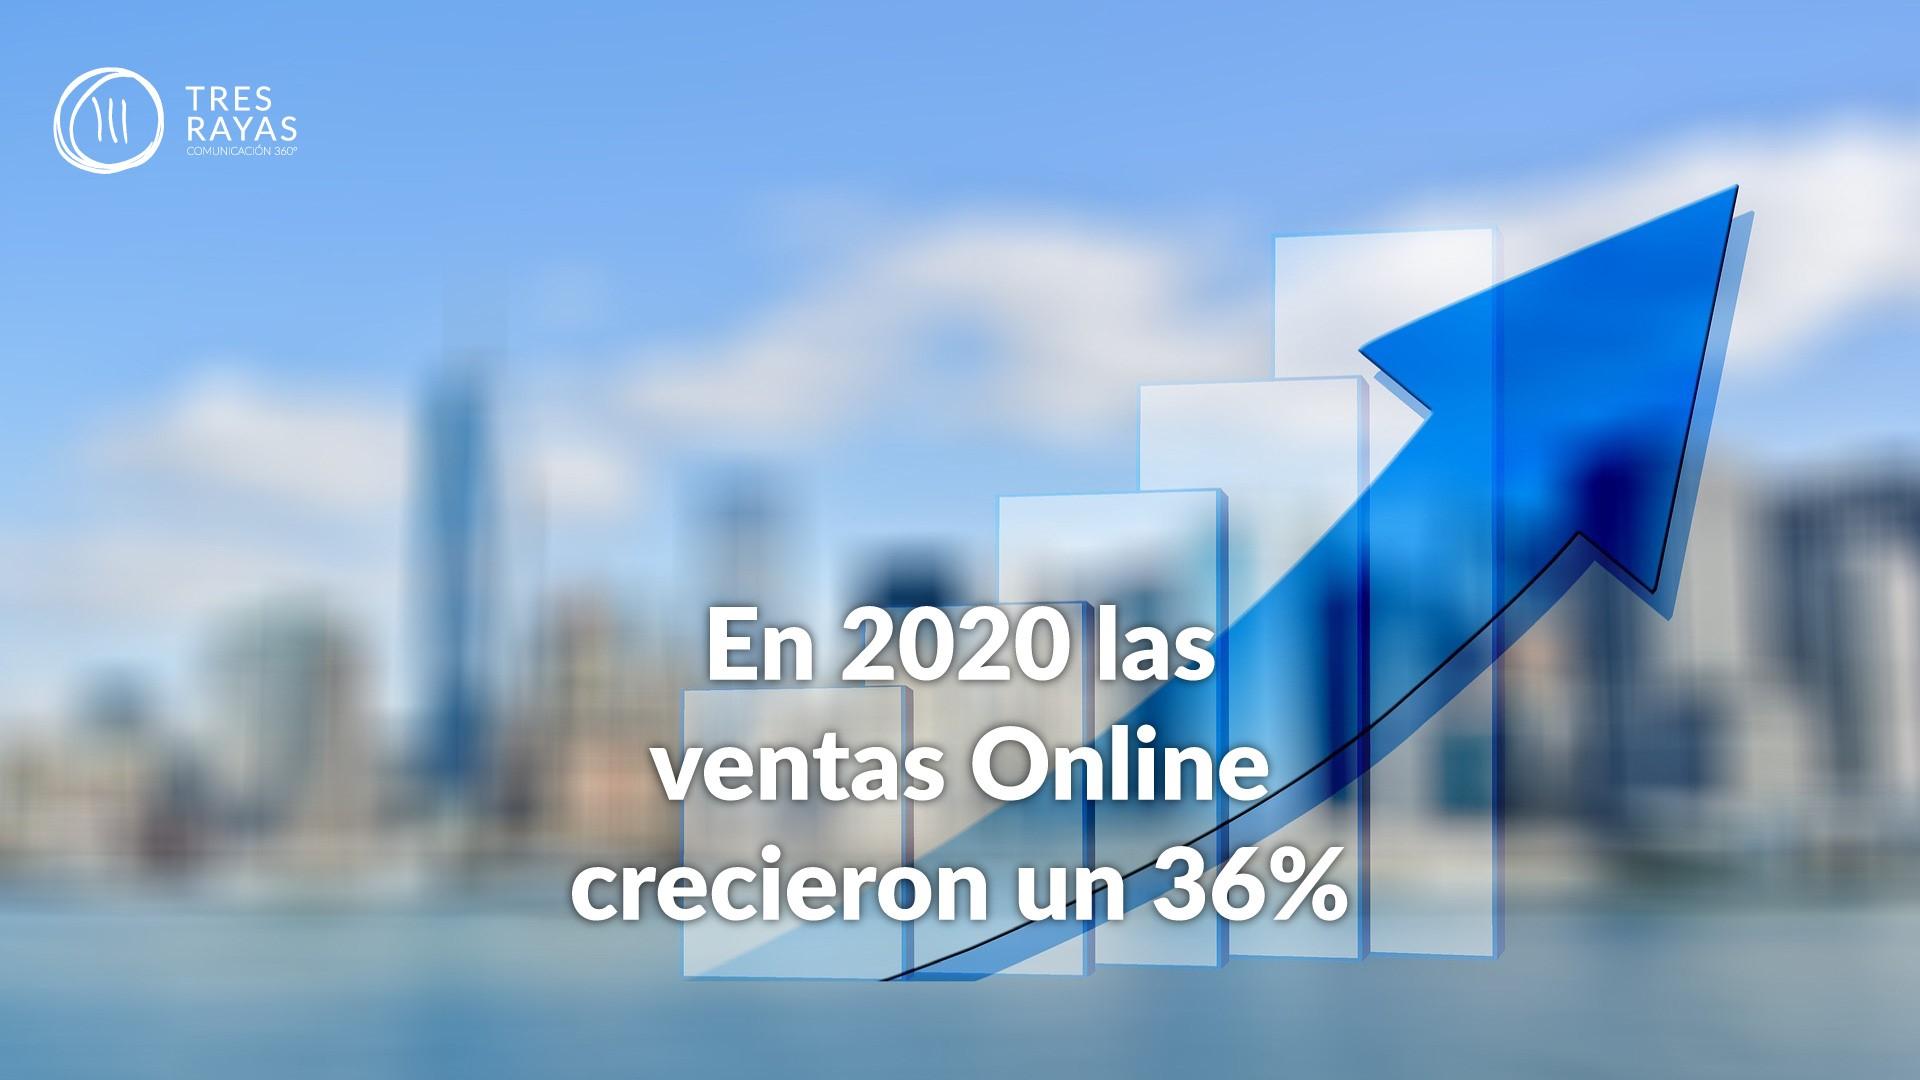 AUMENTO DE LAS VENTAS ONLINE EN 2020